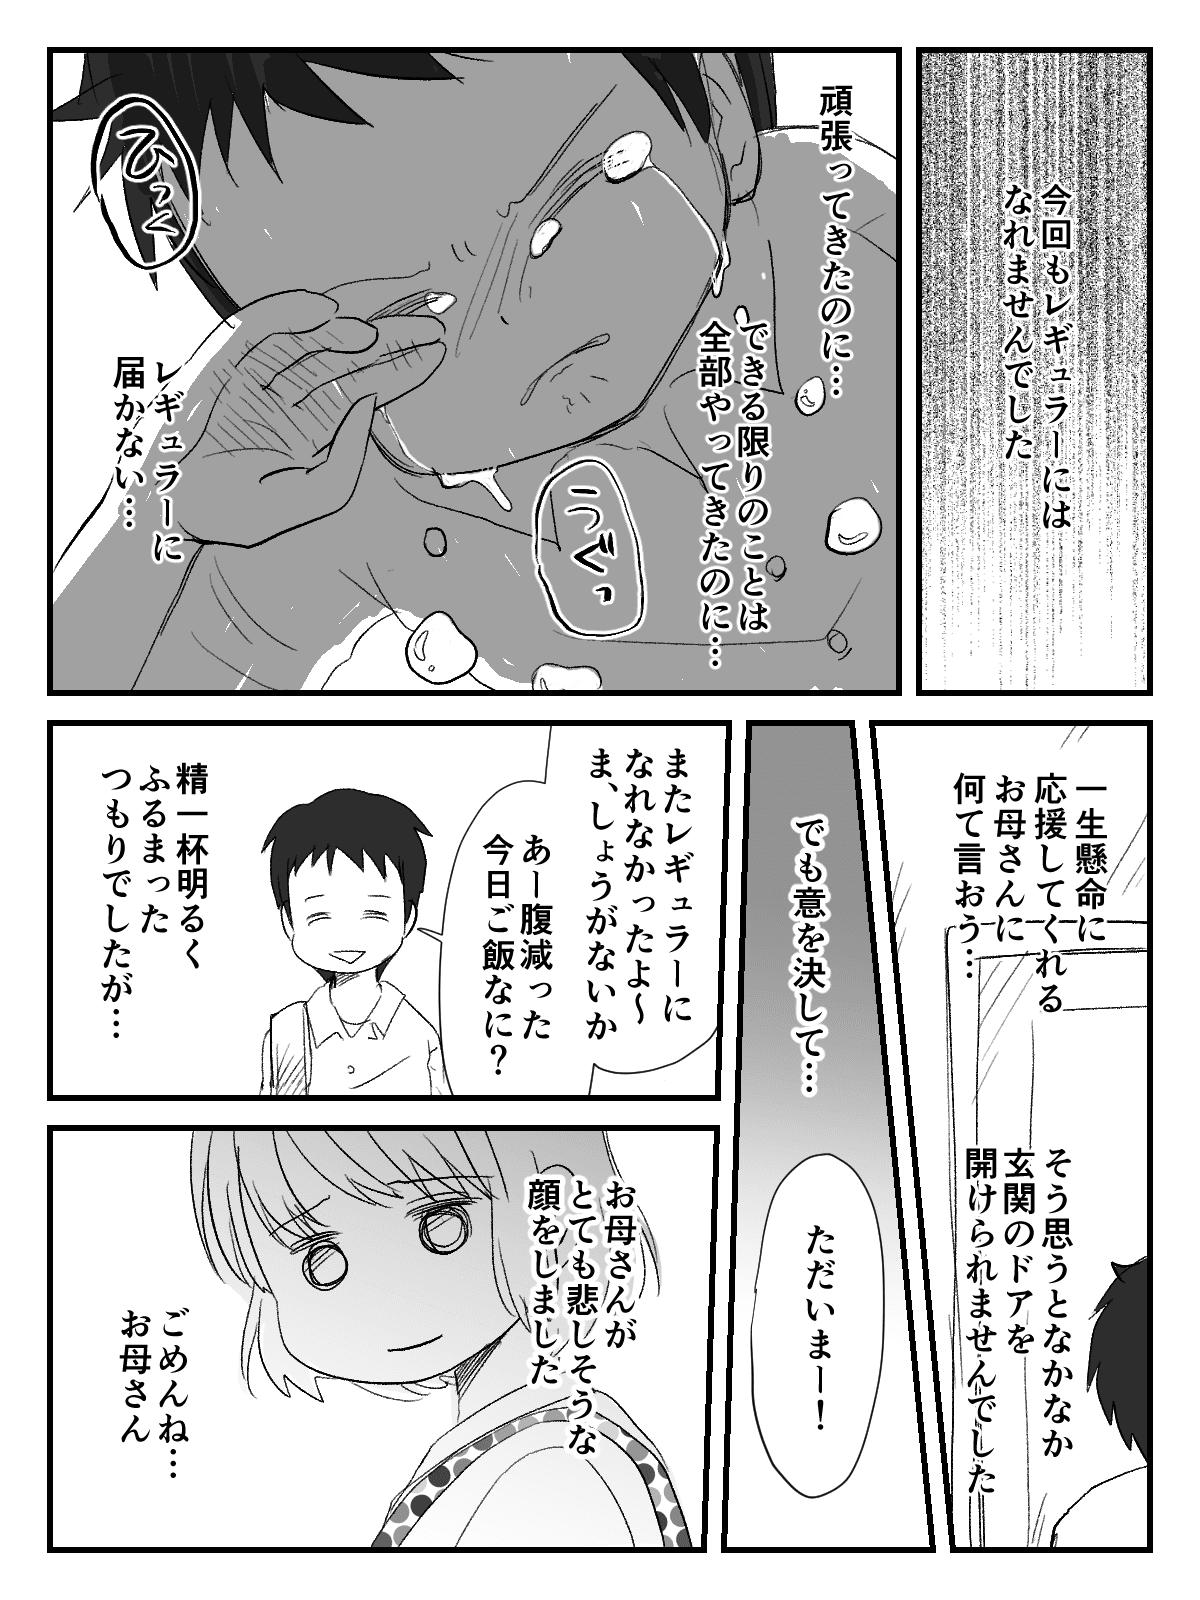 <子どもの挫折>006